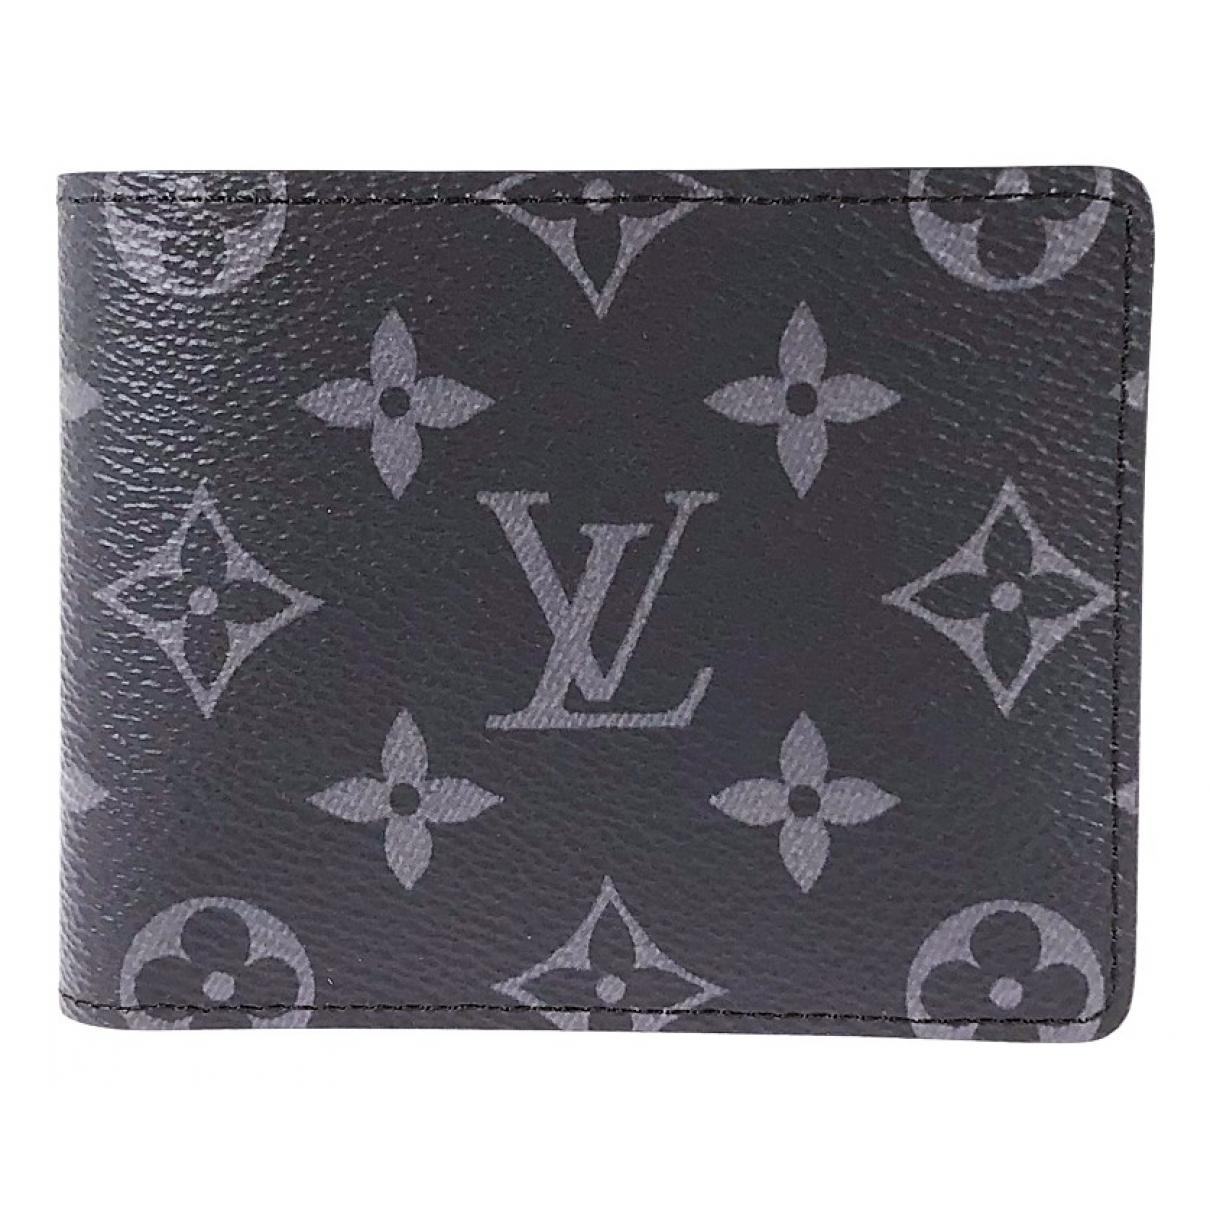 Louis Vuitton \N Kleinlederwaren in  Schwarz Leinen